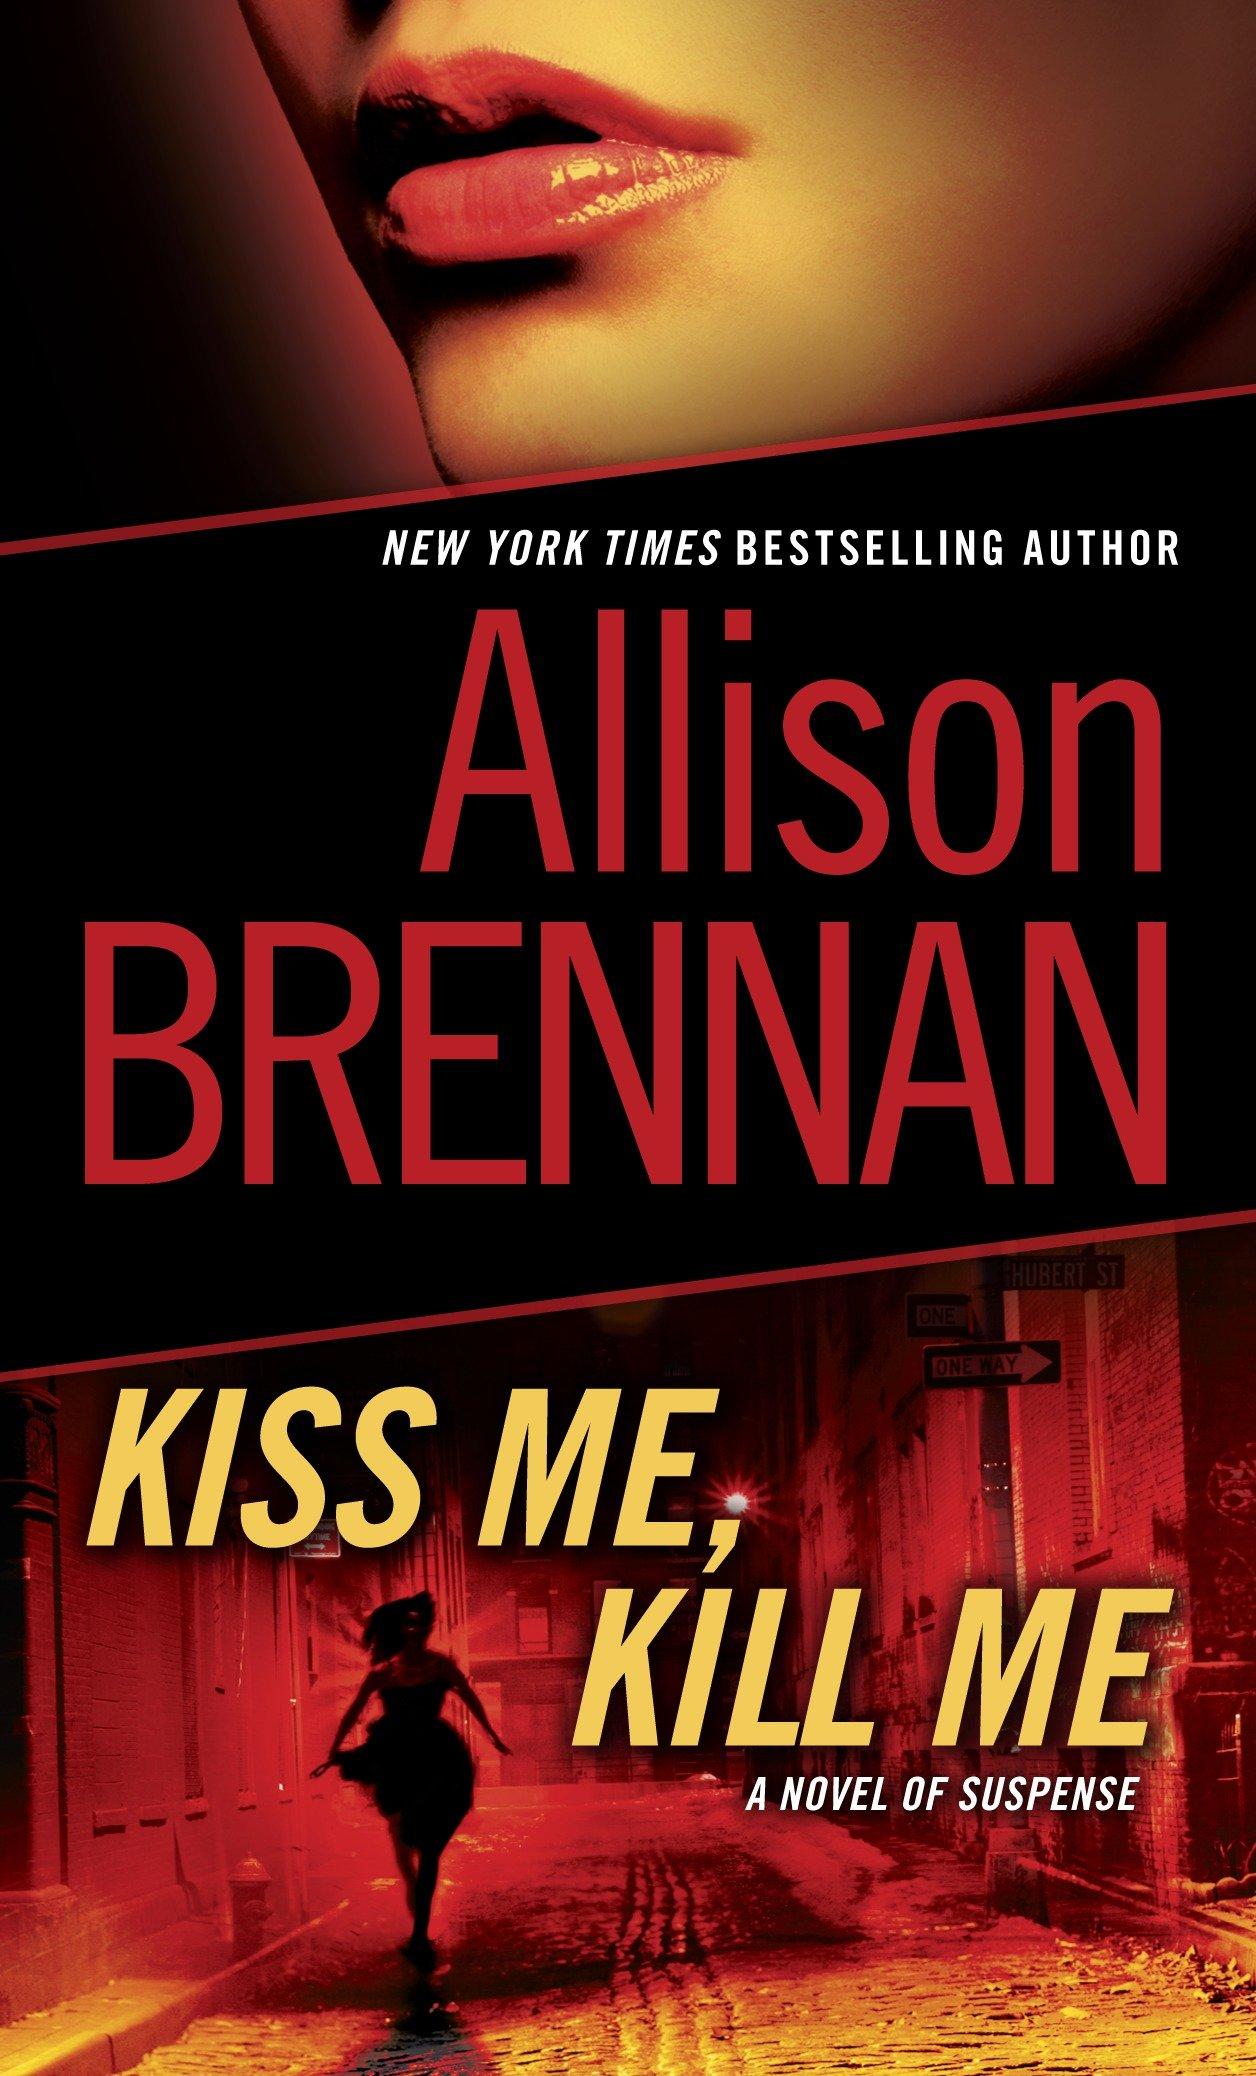 Kiss me, kill me cover image